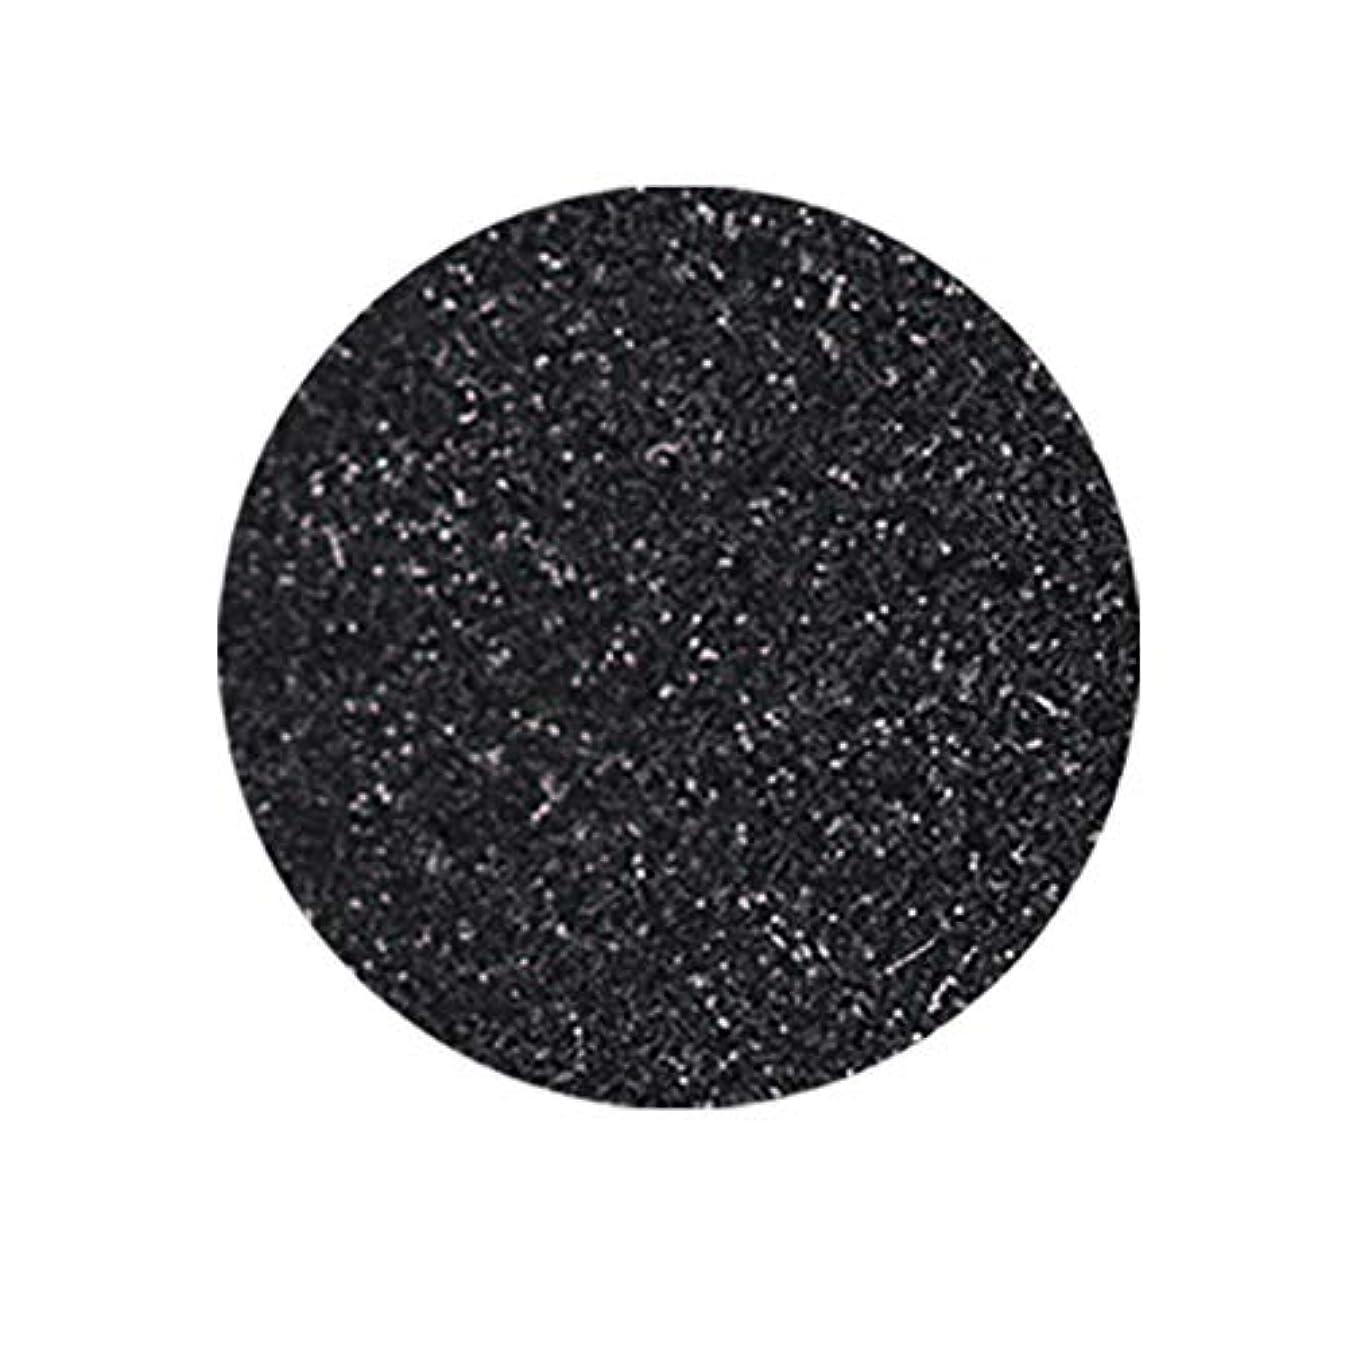 おもしろいまもなく船形グリッターシュガーパウダー【ブラック】シュガー ラメ 偏光パウダー ネイルアート